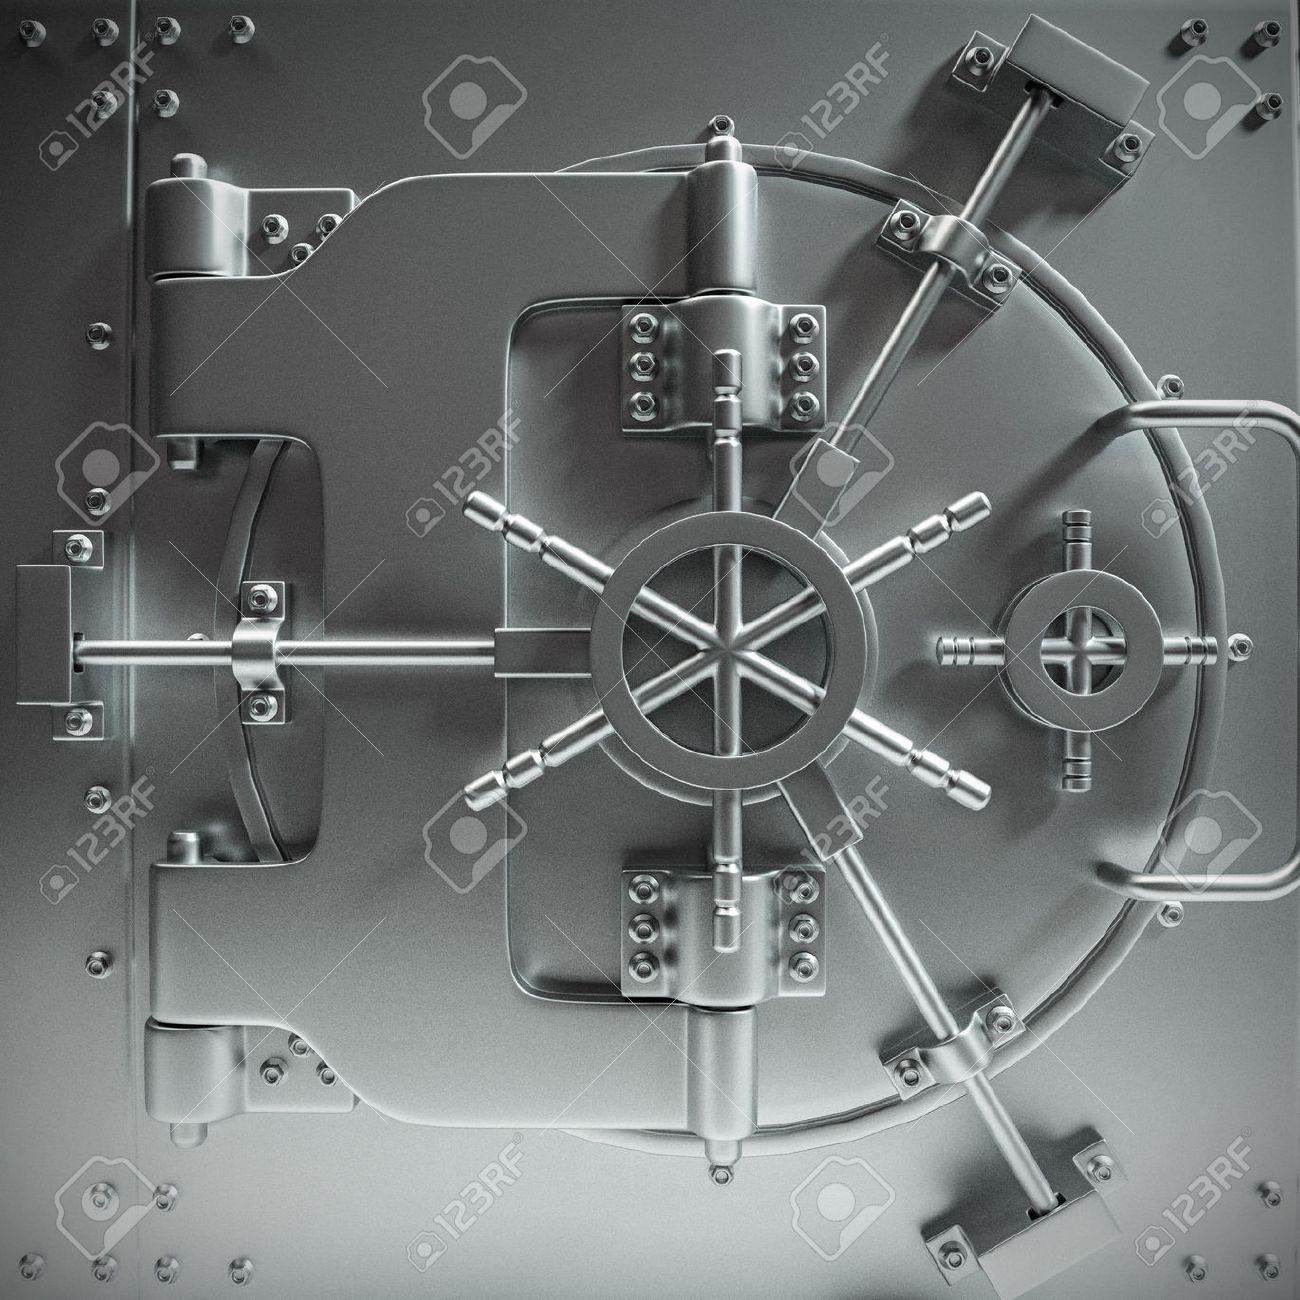 massive bank vault door closed Stock Photo - 44896310 & Massive Bank Vault Door Closed Stock Photo Picture And Royalty ...